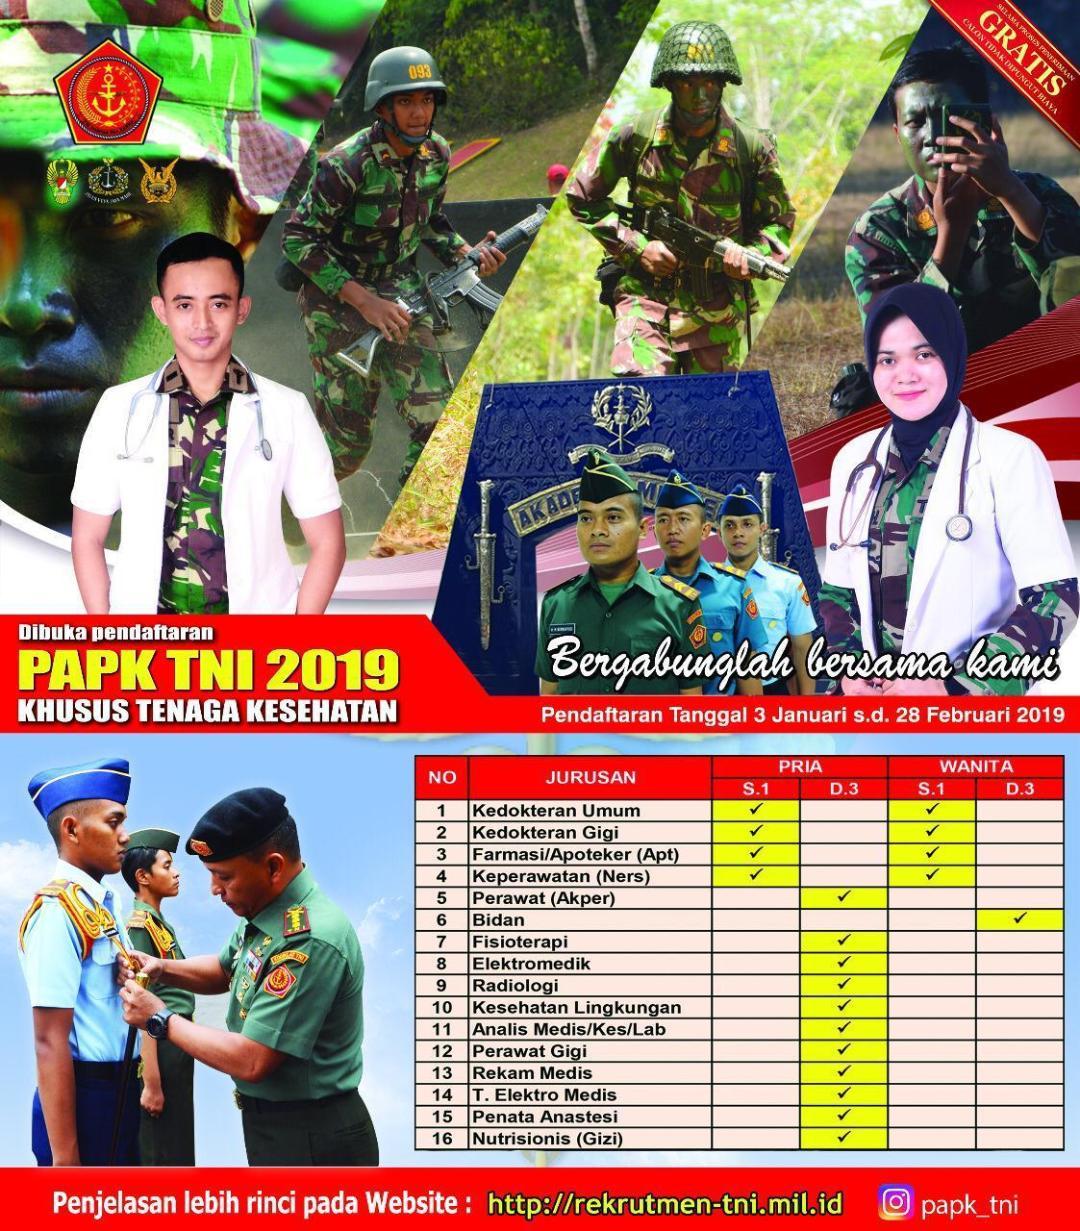 PENERIMAAN CALON PERWIRA KARIER TNI 2019 (KHUSUS TENAGA KESEHATAN)